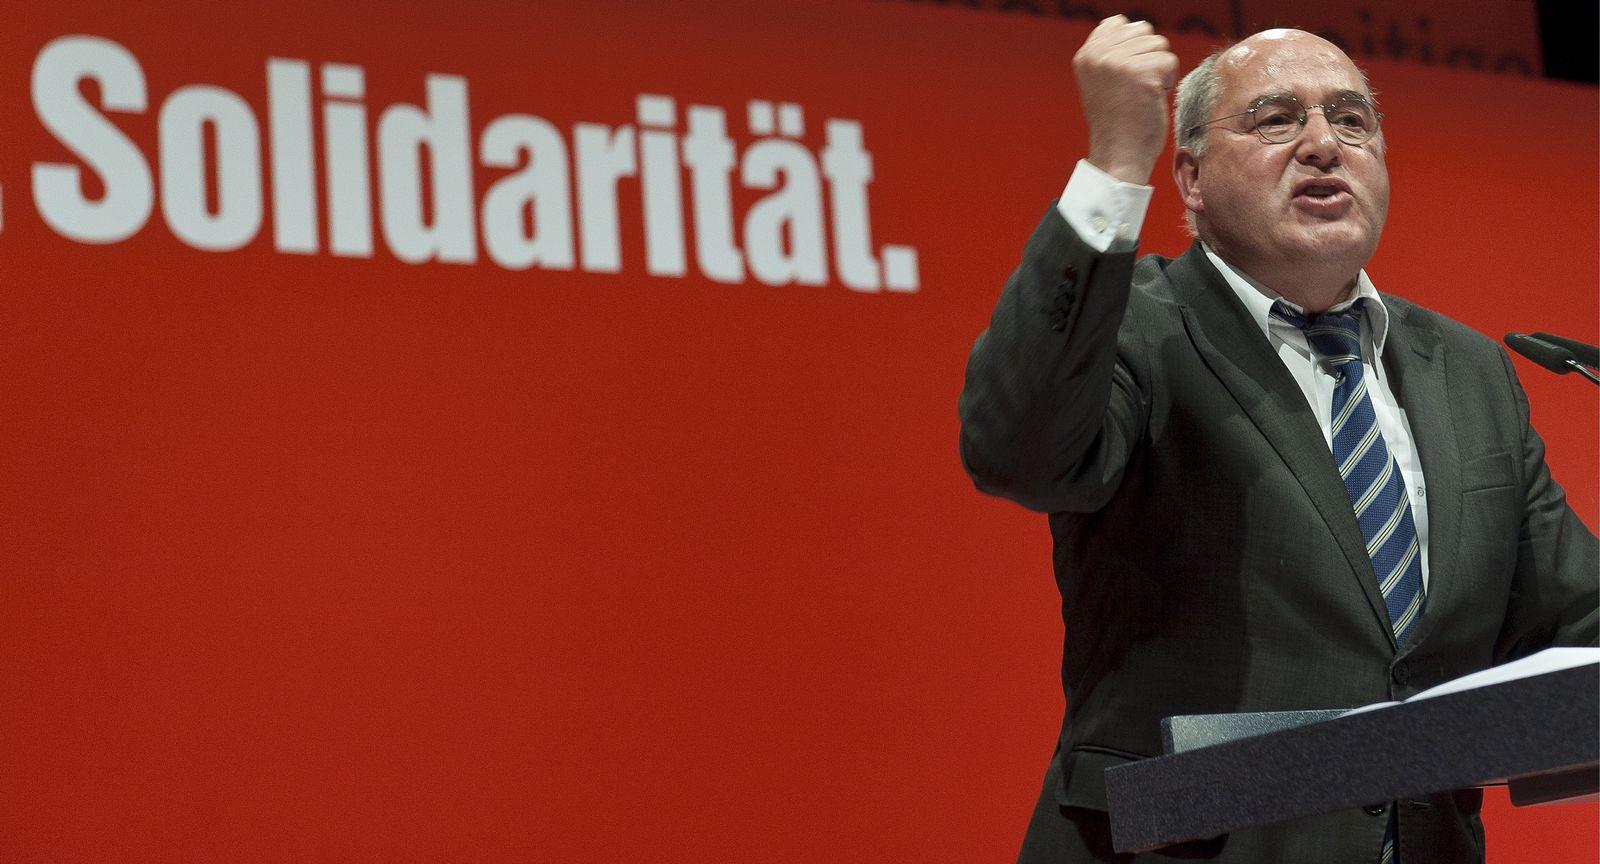 NICHT VERWENDEN Gregor Gysi/ Die Linke